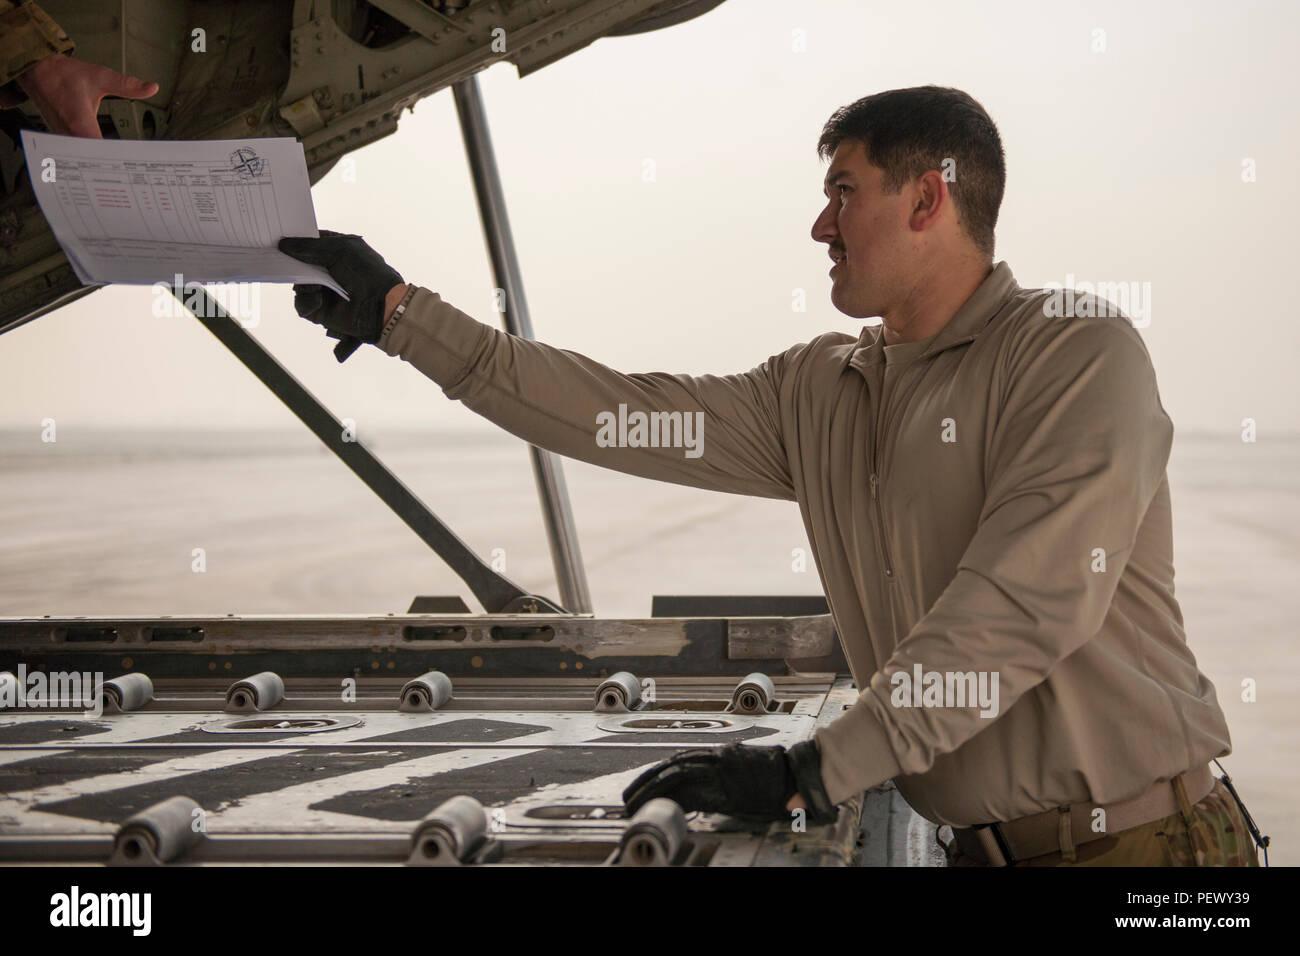 Le s.. Nathan Rogers, 774e Escadron de transport aérien expéditionnaire, arrimeur de fret à l'autre main de la paperasserie d'arrimeur à Hamid Karzaï de l'aéroport international de Kaboul, en Afghanistan, au cours d'une sortie de la jambe d'autres endroits dans la zone de responsabilité, le 9 février 2016. L'EAS 774 prend en charge diverses fonctionnalités de transport aérien tactique, y compris le transport de marchandises et de passagers, et l'aide humanitaire et le soutien d'évacuation aéromédicale. (U.S. Air Force photo/Tech. Le Sgt. Robert Cloys) Banque D'Images